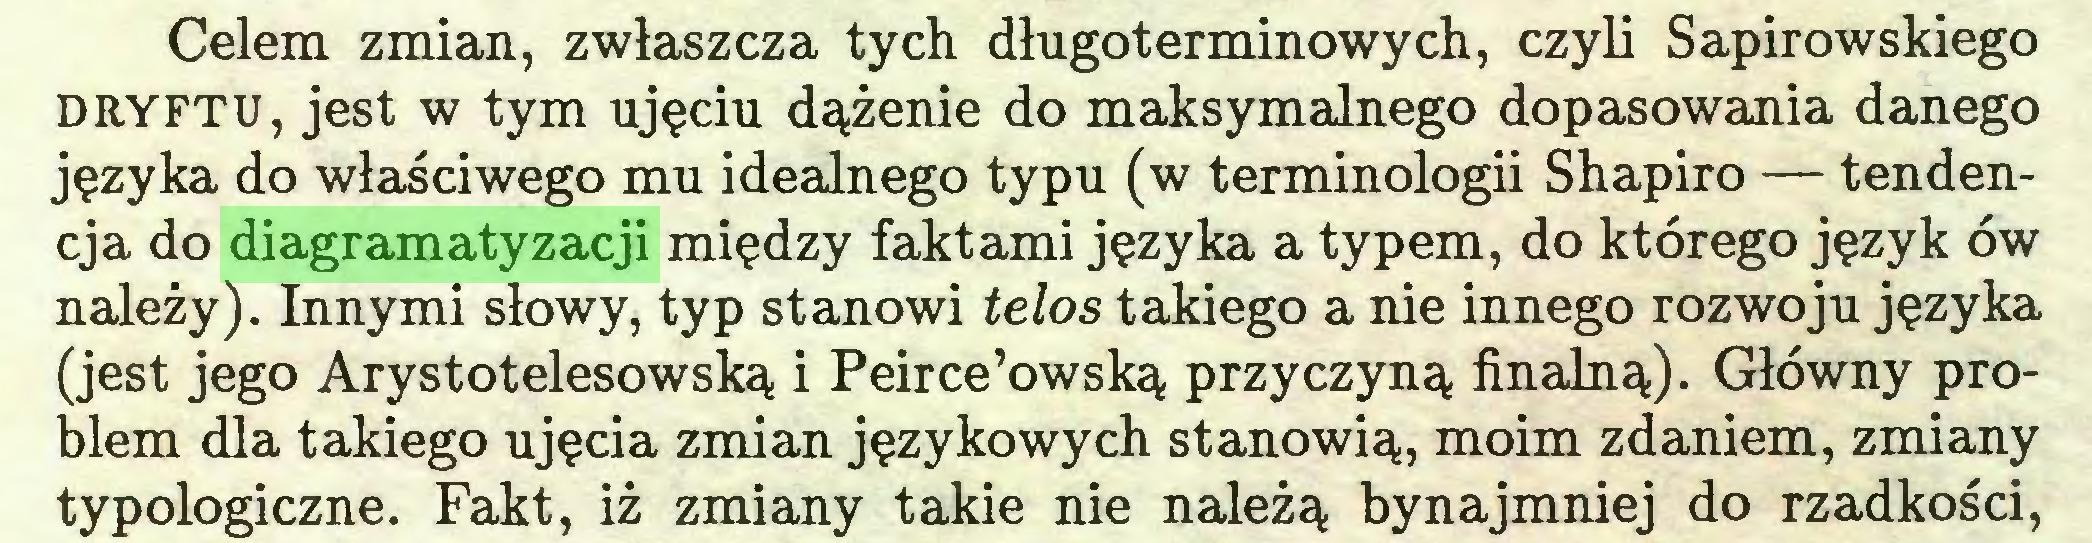 (...) Celem zmian, zwłaszcza tych długoterminowych, czyli Sapirowskiego DRYFTU, jest w tym ujęciu dążenie do maksymalnego dopasowania danego języka do właściwego mu idealnego typu (w terminologii Shapiro — tendencja do diagramatyzacji między faktami języka a typem, do którego język ów należy). Innymi słowy, typ stanowi telos takiego a nie innego rozwoju języka (jest jego Arystotelesowską i Peirce'owską przyczyną finalną). Główny problem dla takiego ujęcia zmian językowych stanowią, moim zdaniem, zmiany typologiczne. Fakt, iż zmiany takie nie należą bynajmniej do rzadkości,...